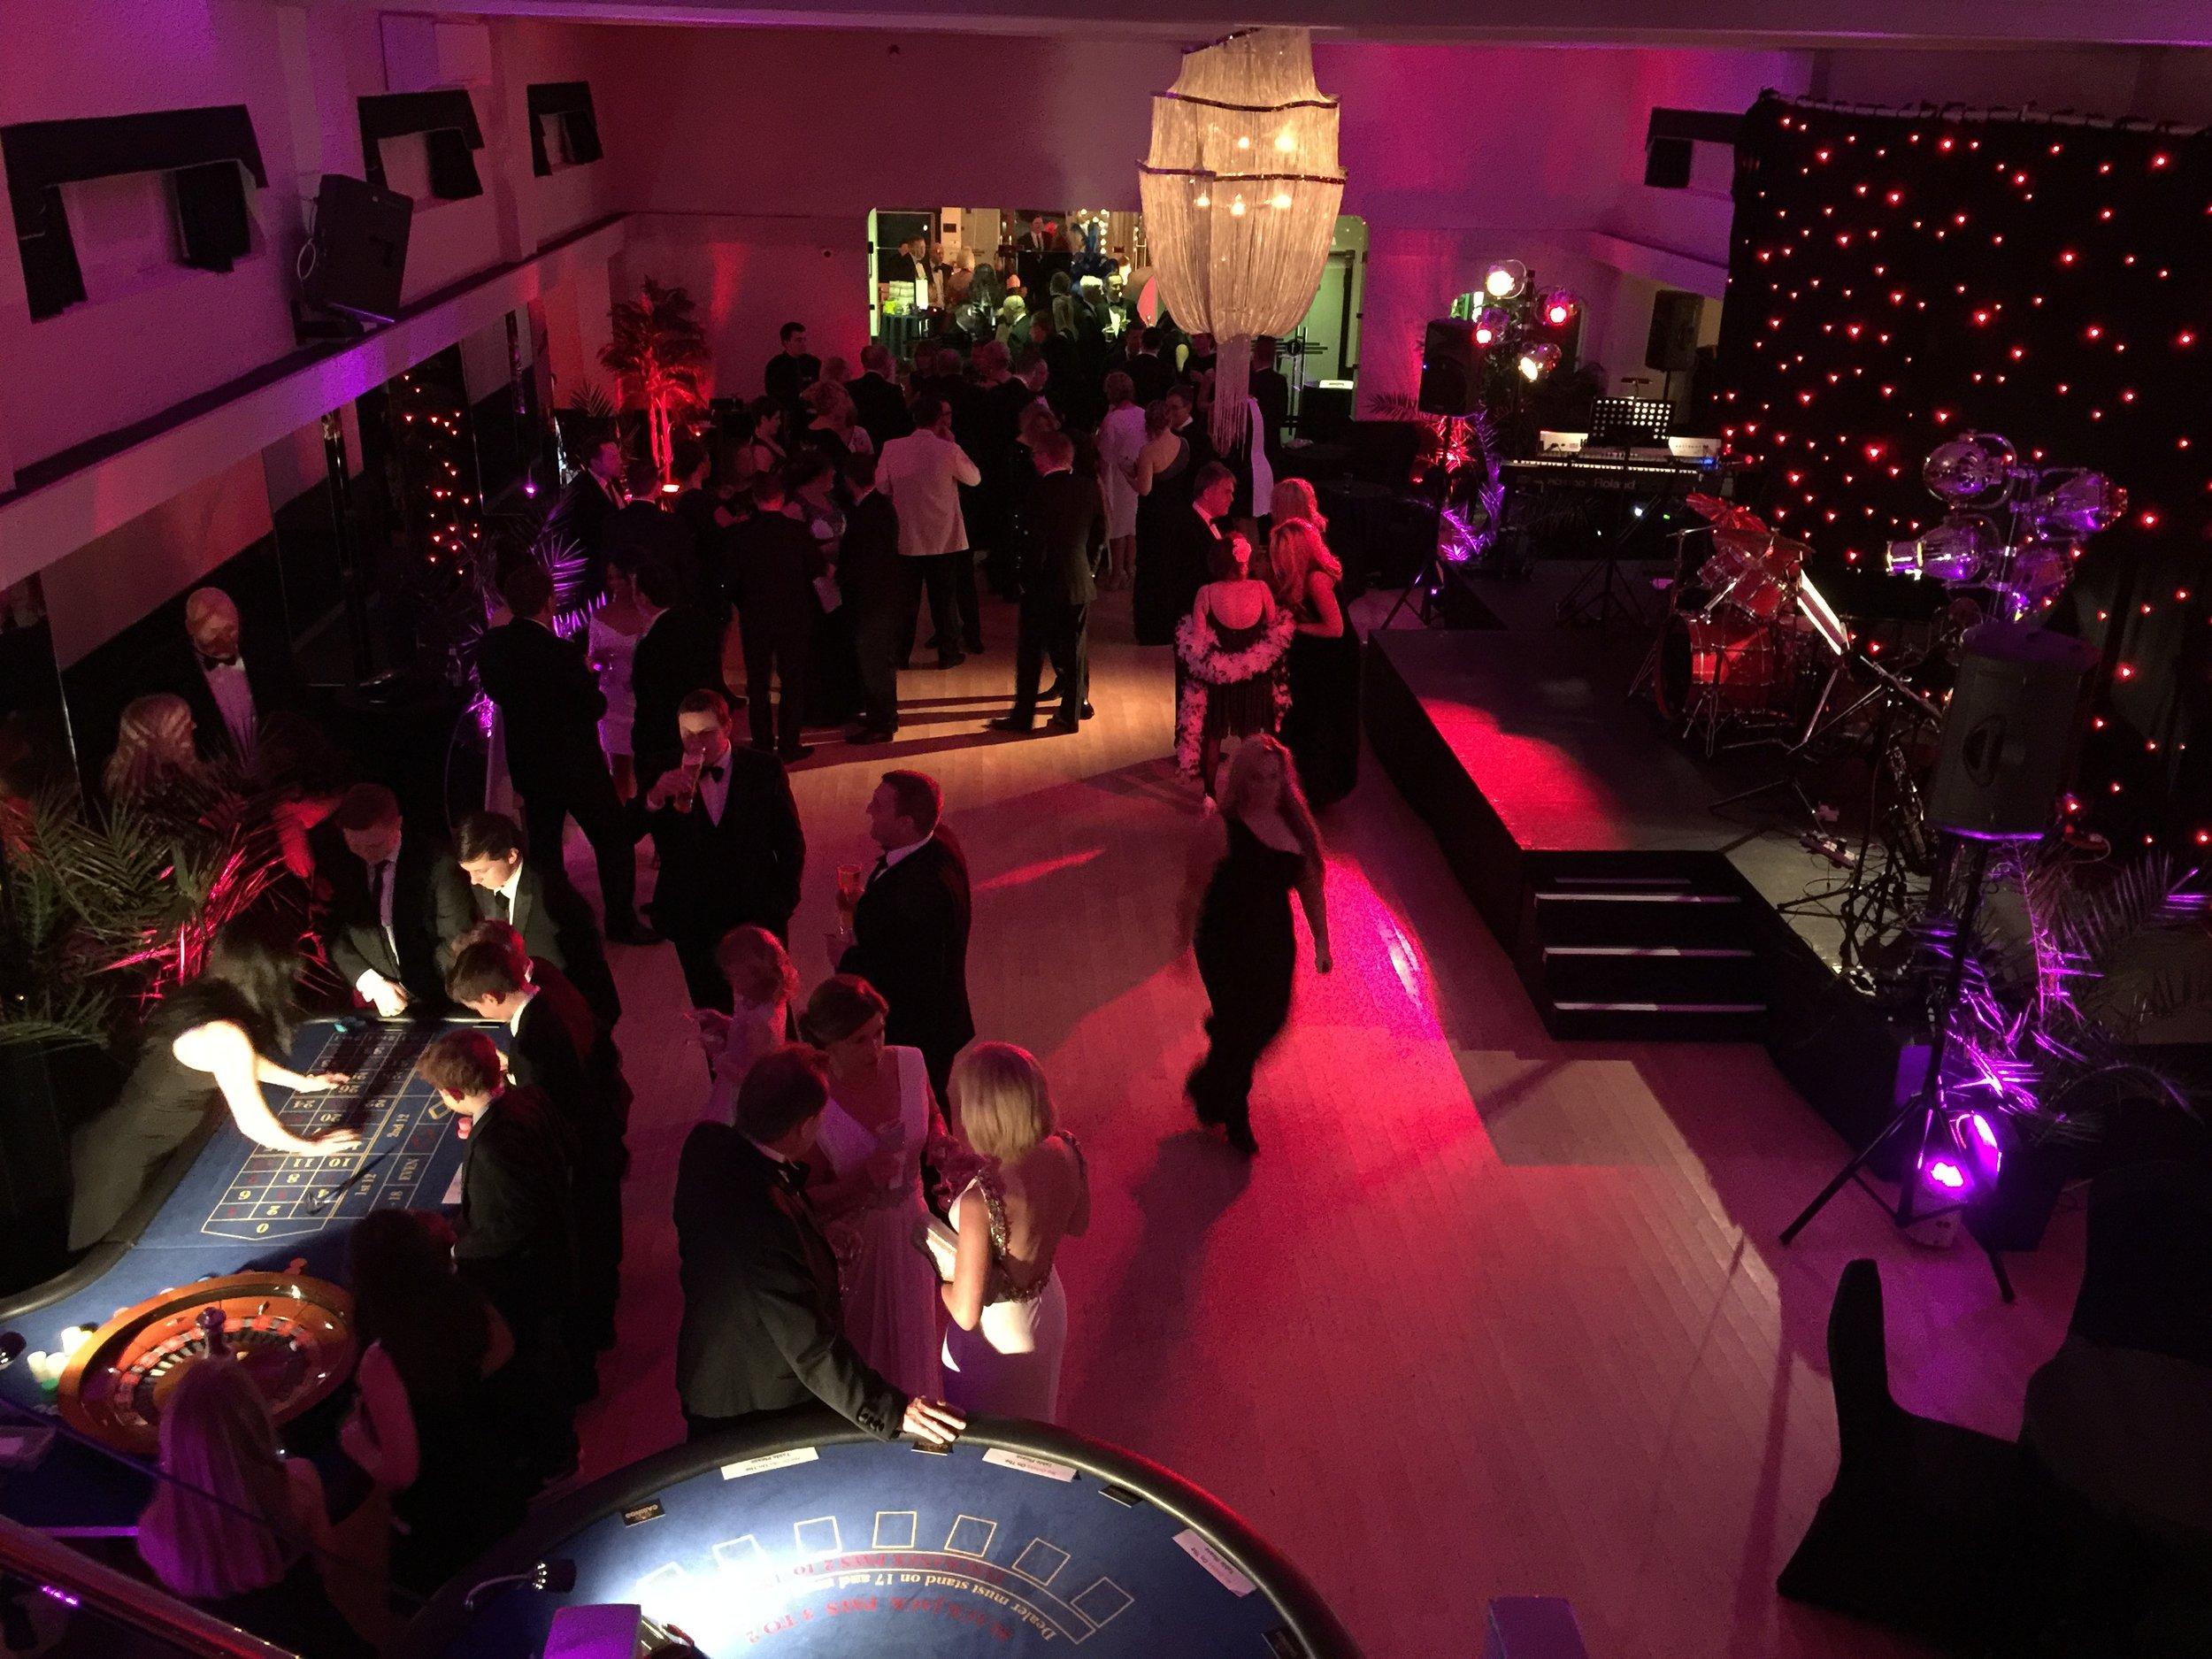 Dance Floor at The Arlington Ballroom, Leigh-on-Sea